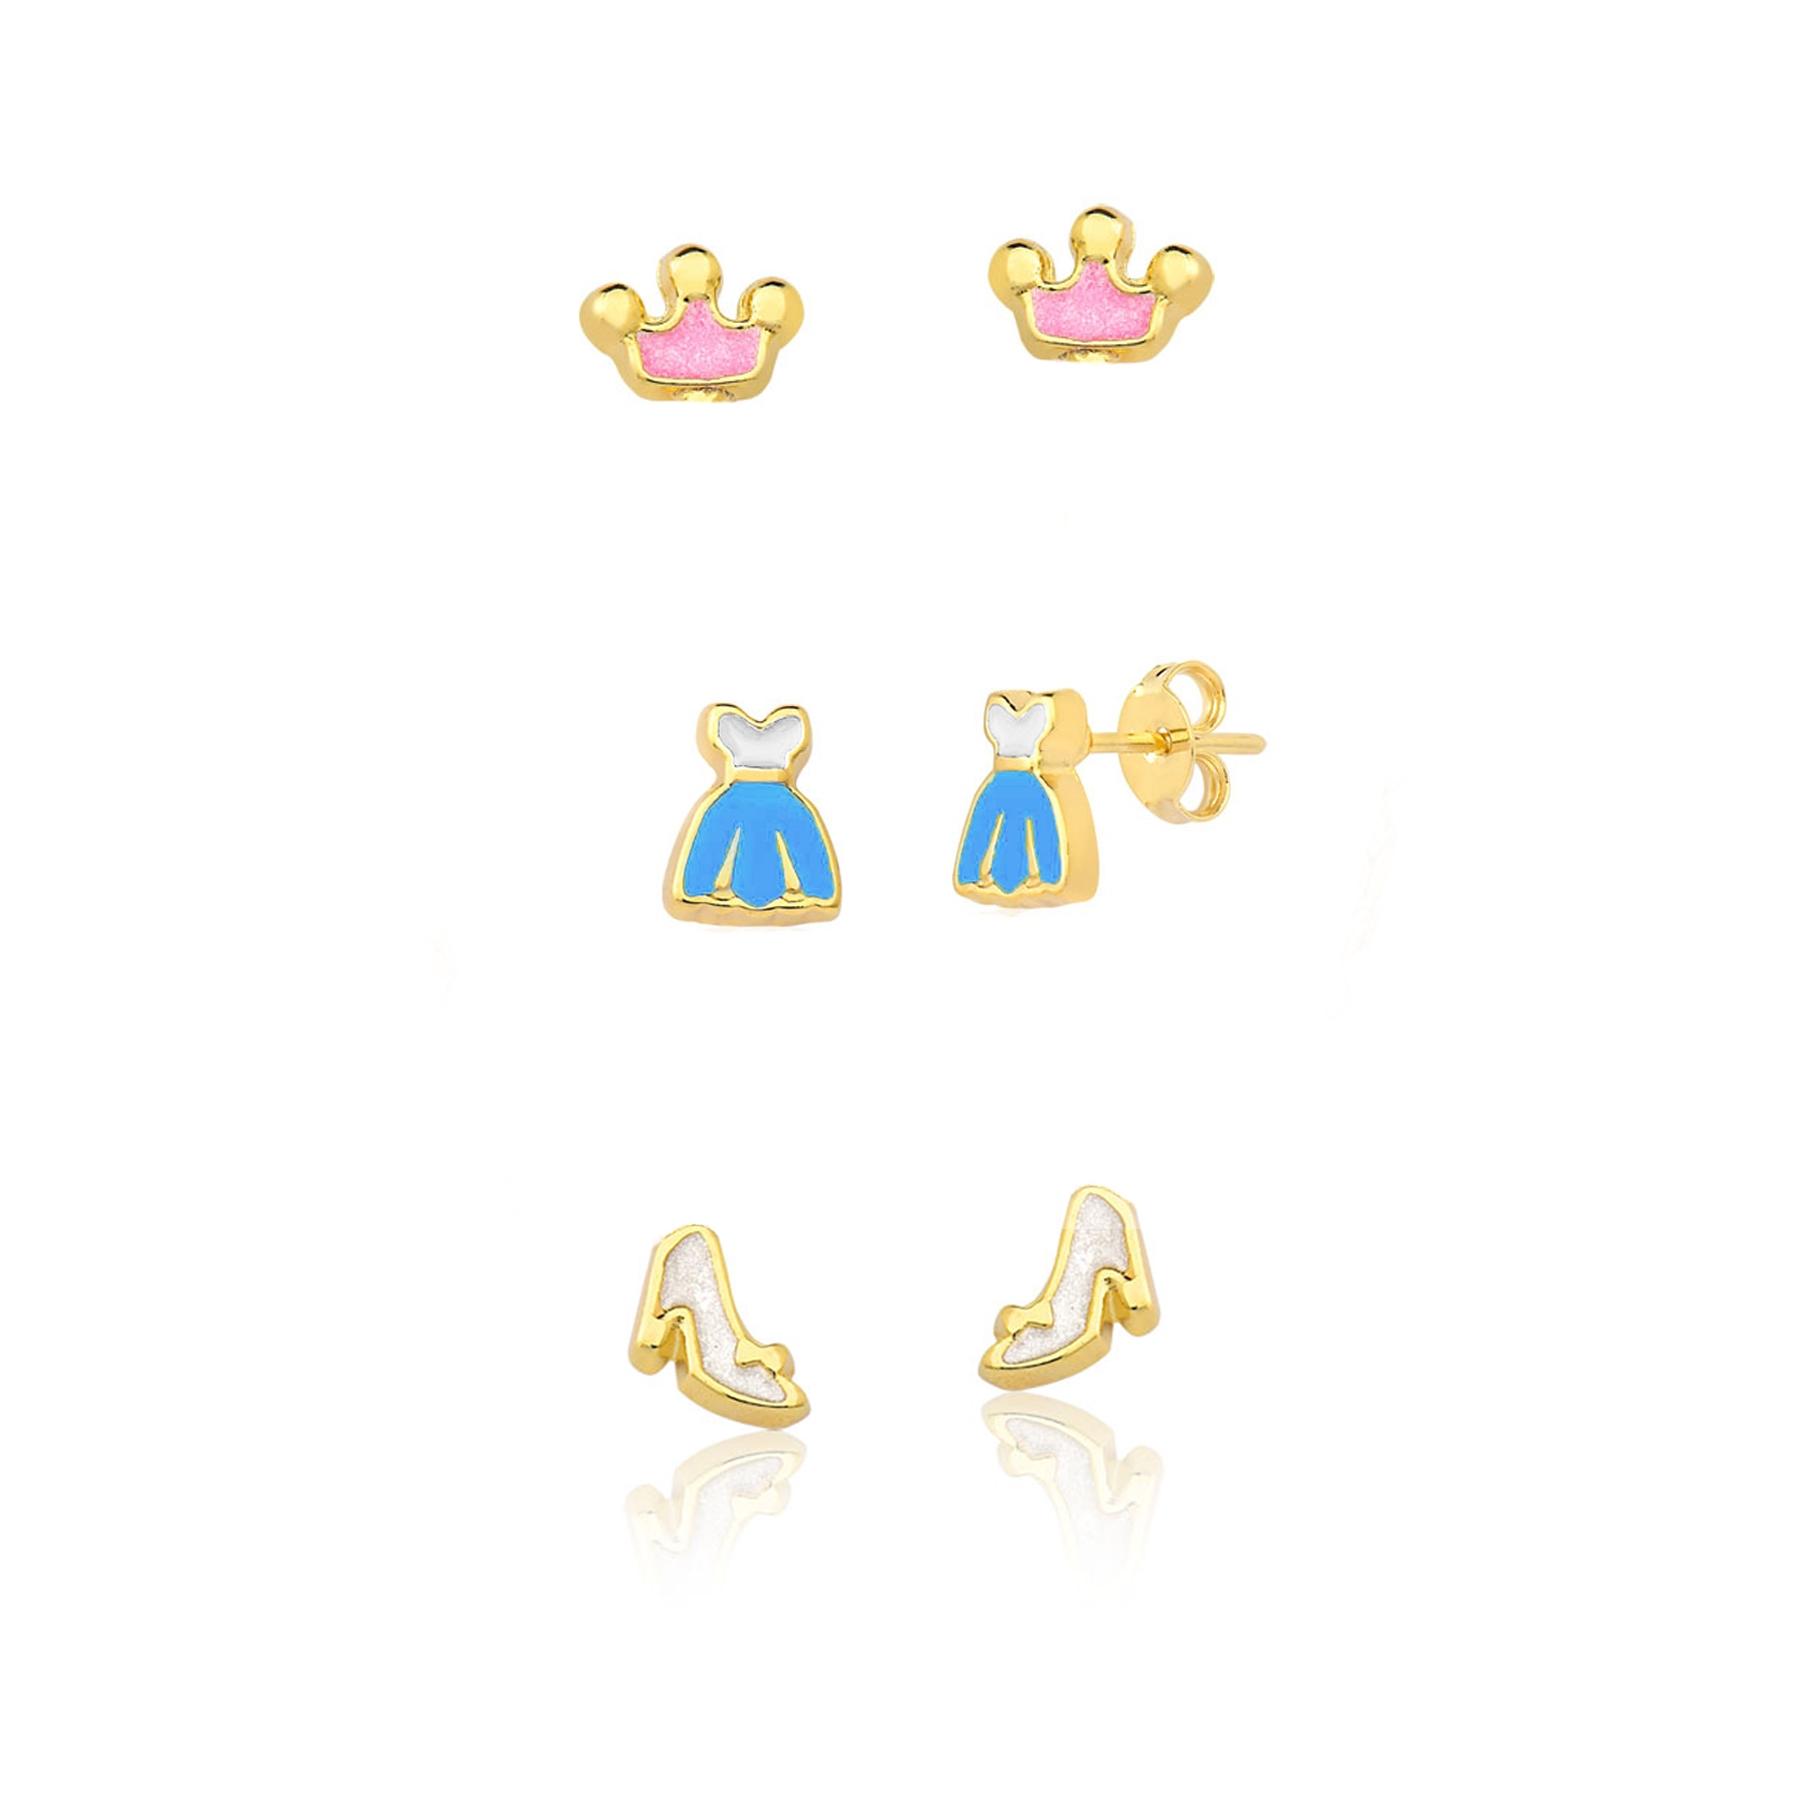 Brinco Folheado Trio Coroa Vestido e Sapatinho - Infantil